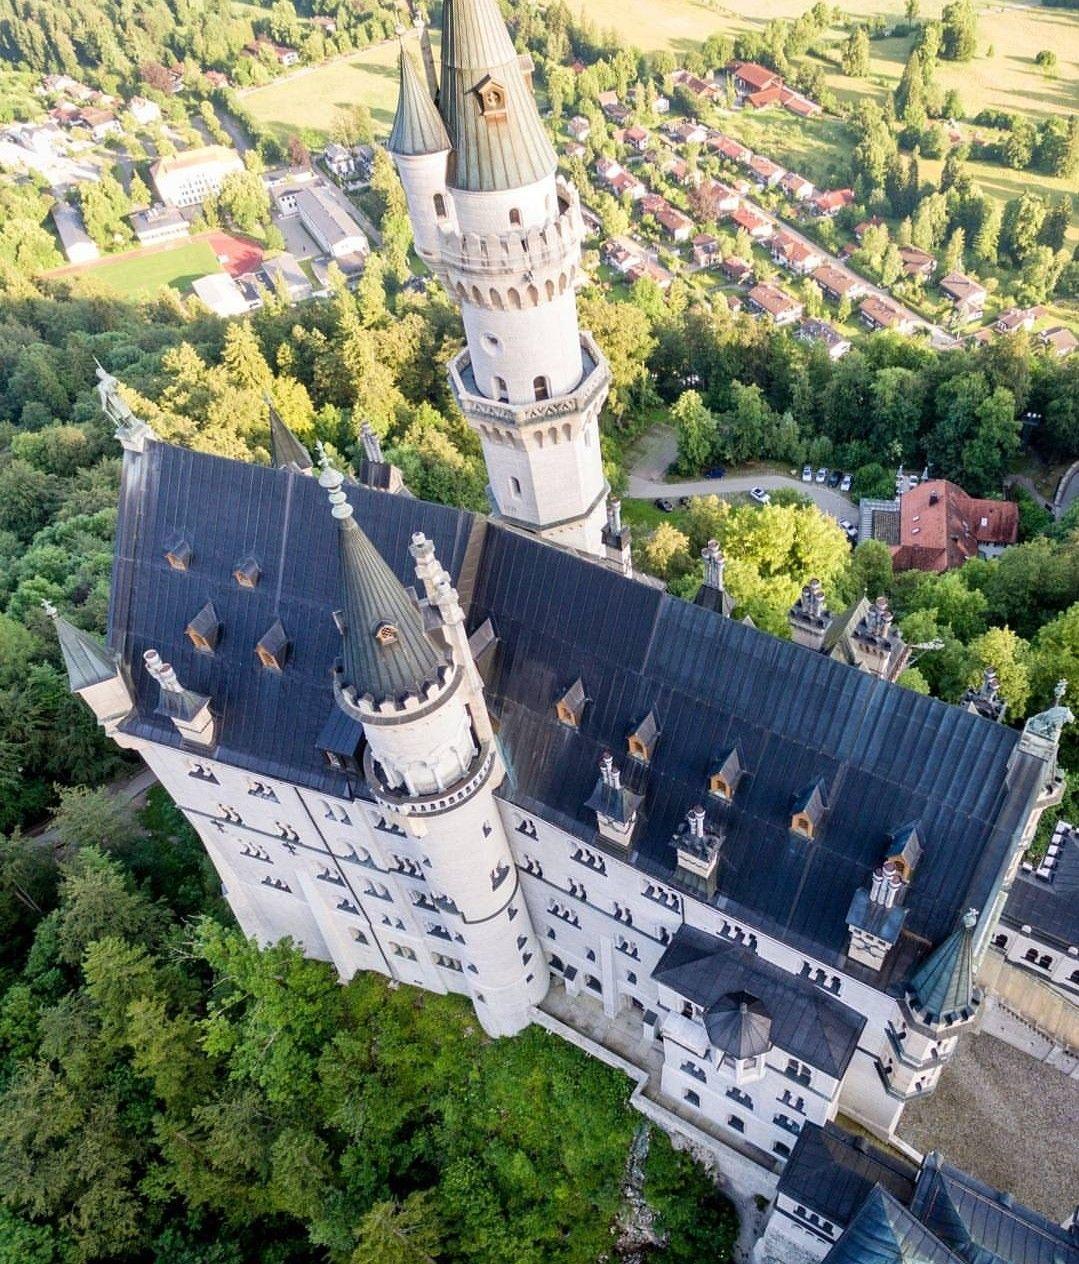 Schloss Neuschwanstein Bayern In 2020 Germany Castles Neuschwanstein Castle Beautiful Castles